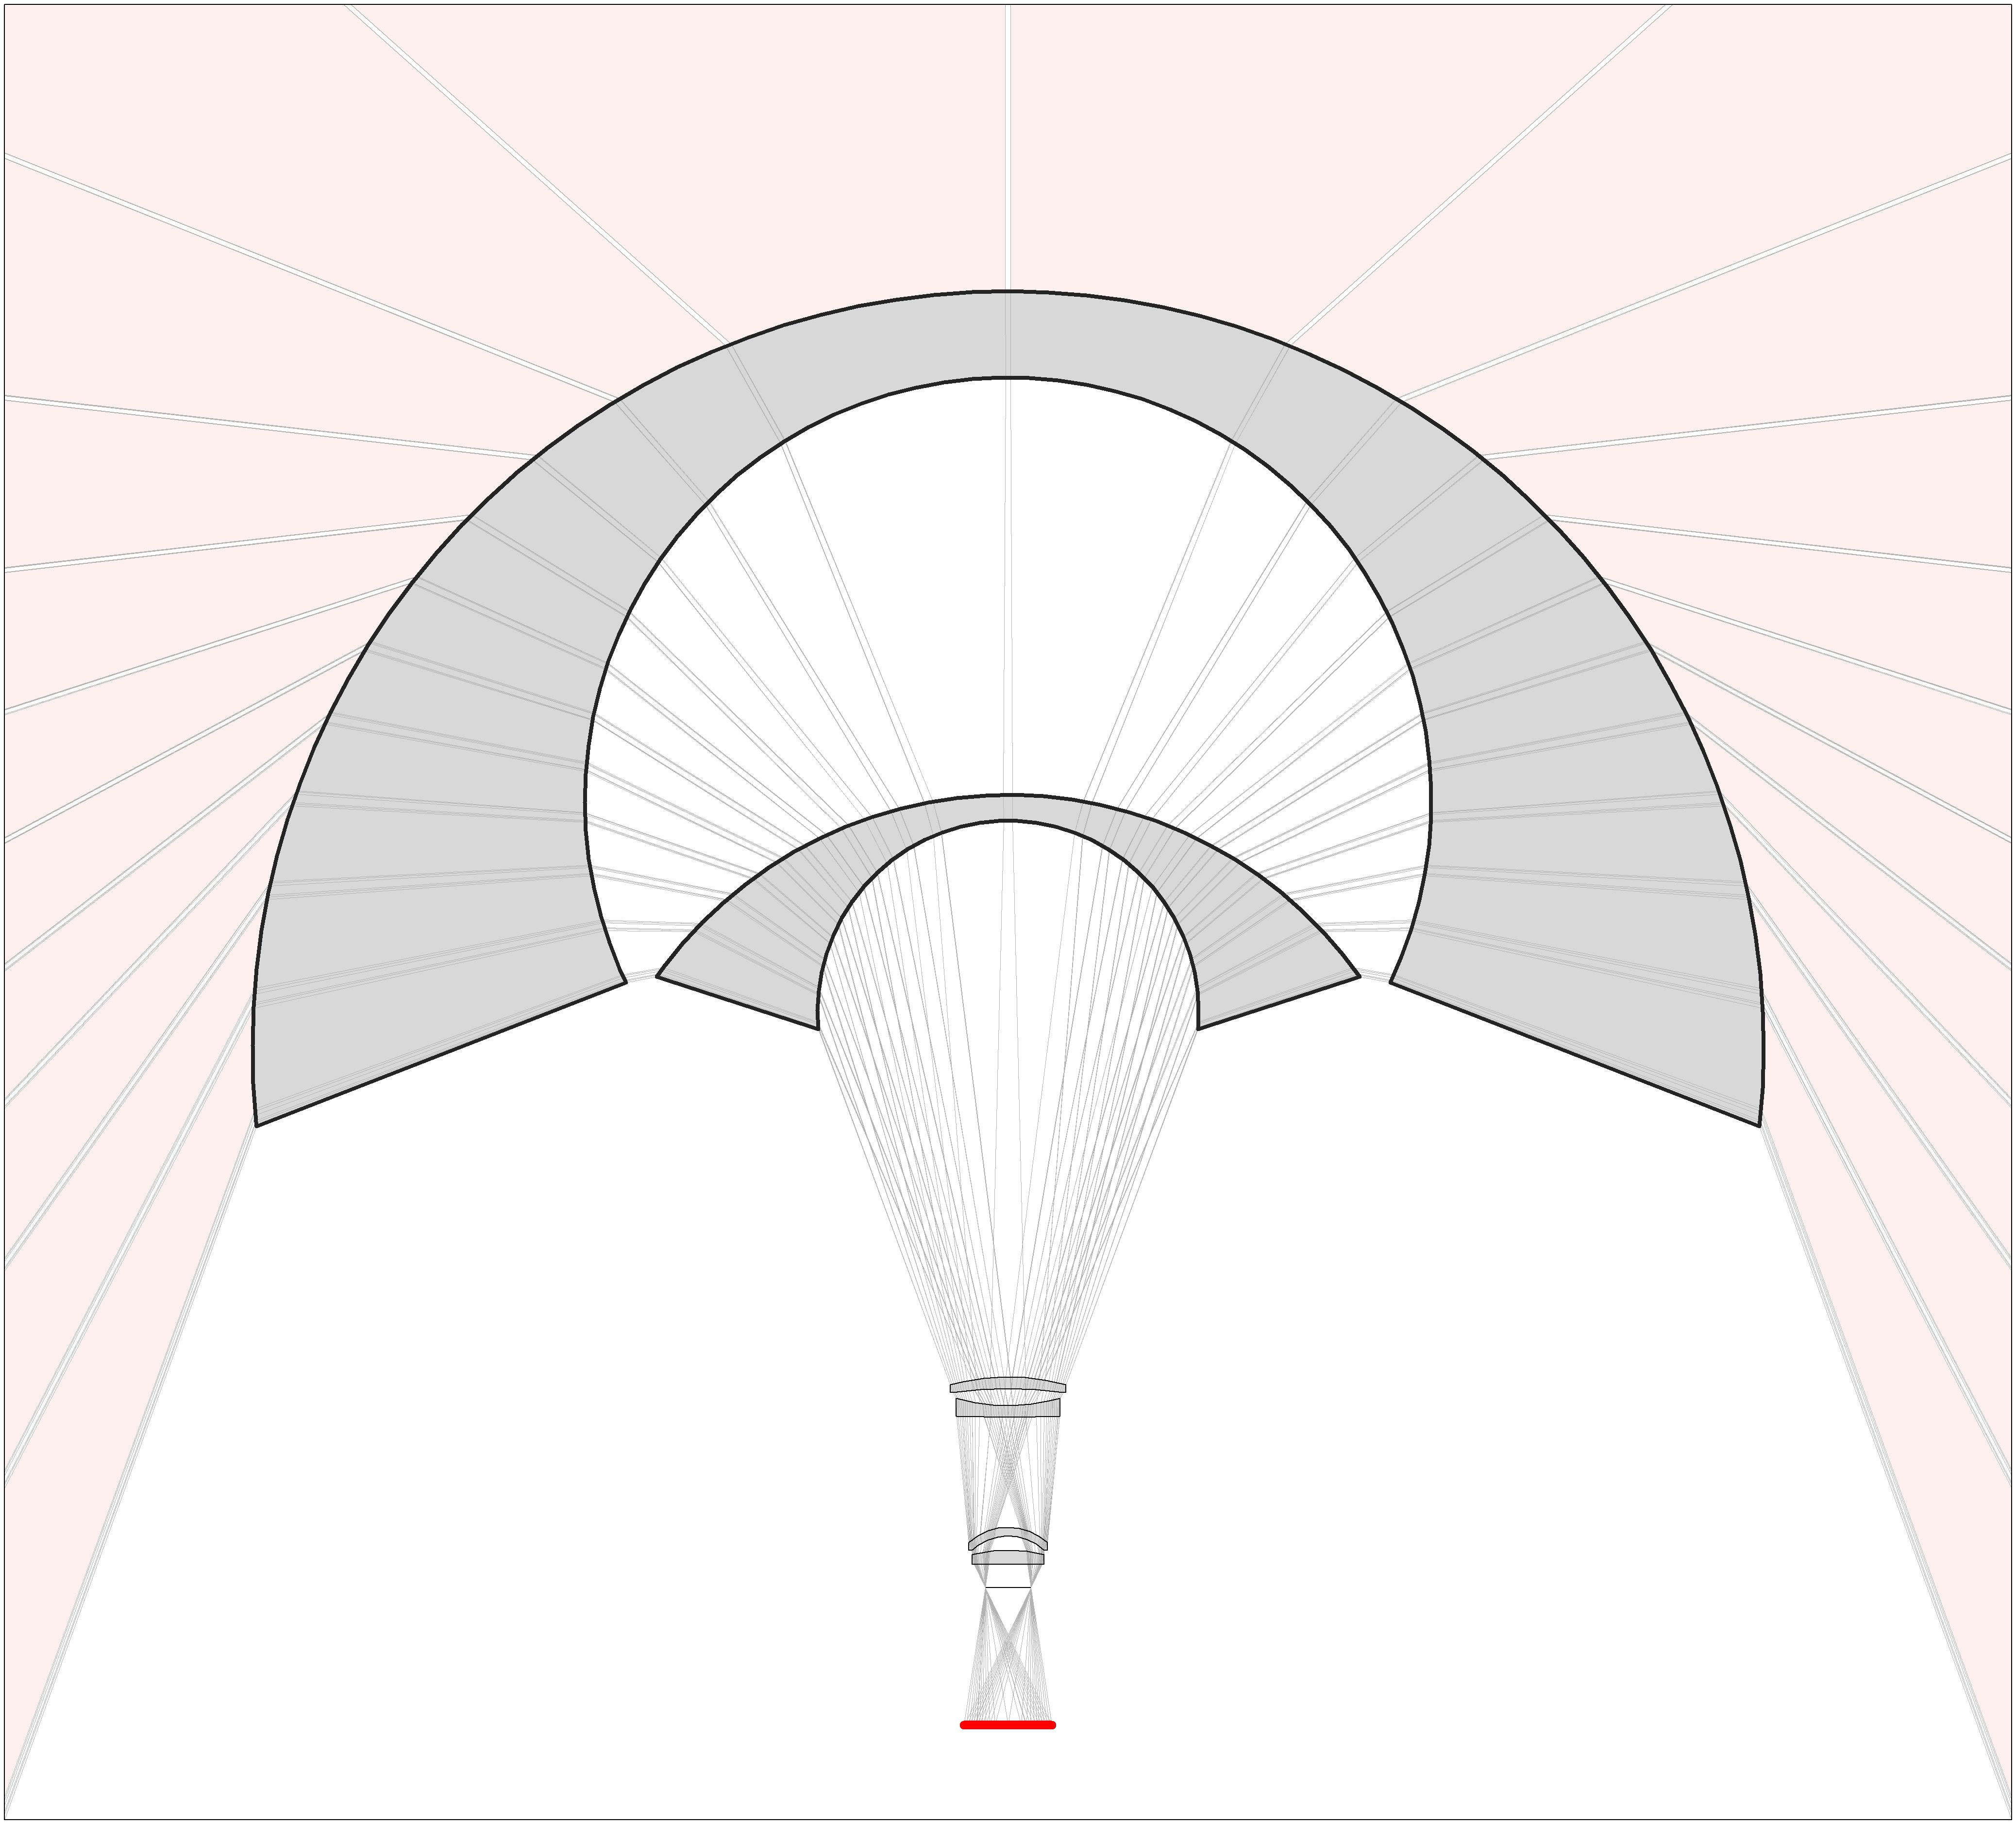 Рис. 1. Объектив с гиперполусферическими радиусами кривизны